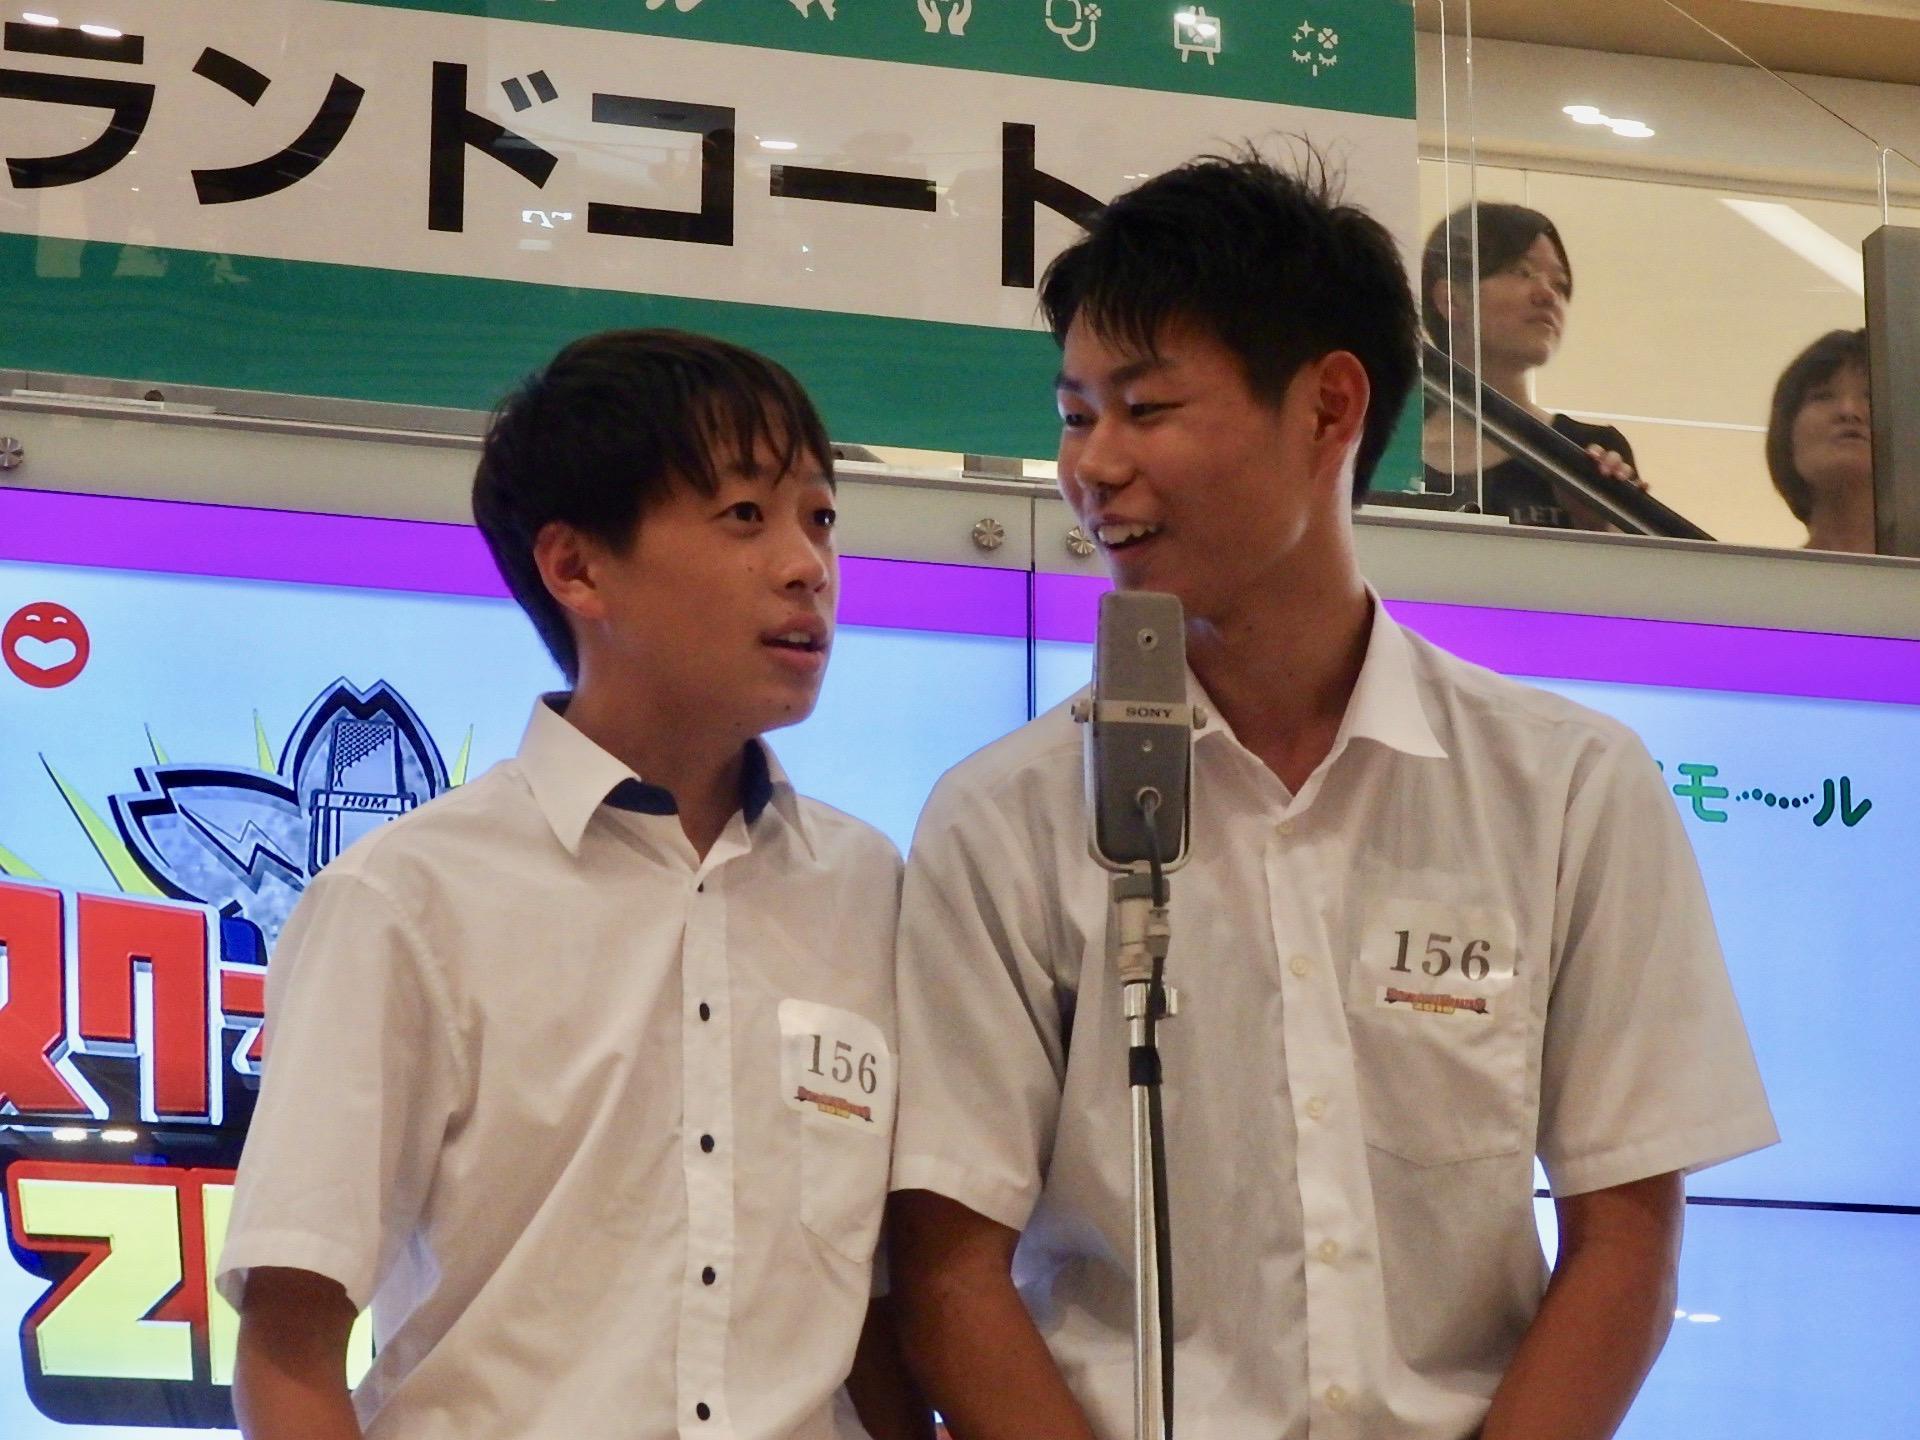 http://news.yoshimoto.co.jp/20180901154203-d413a7c86c5304dddbd00b5327869832bfc451a5.jpg